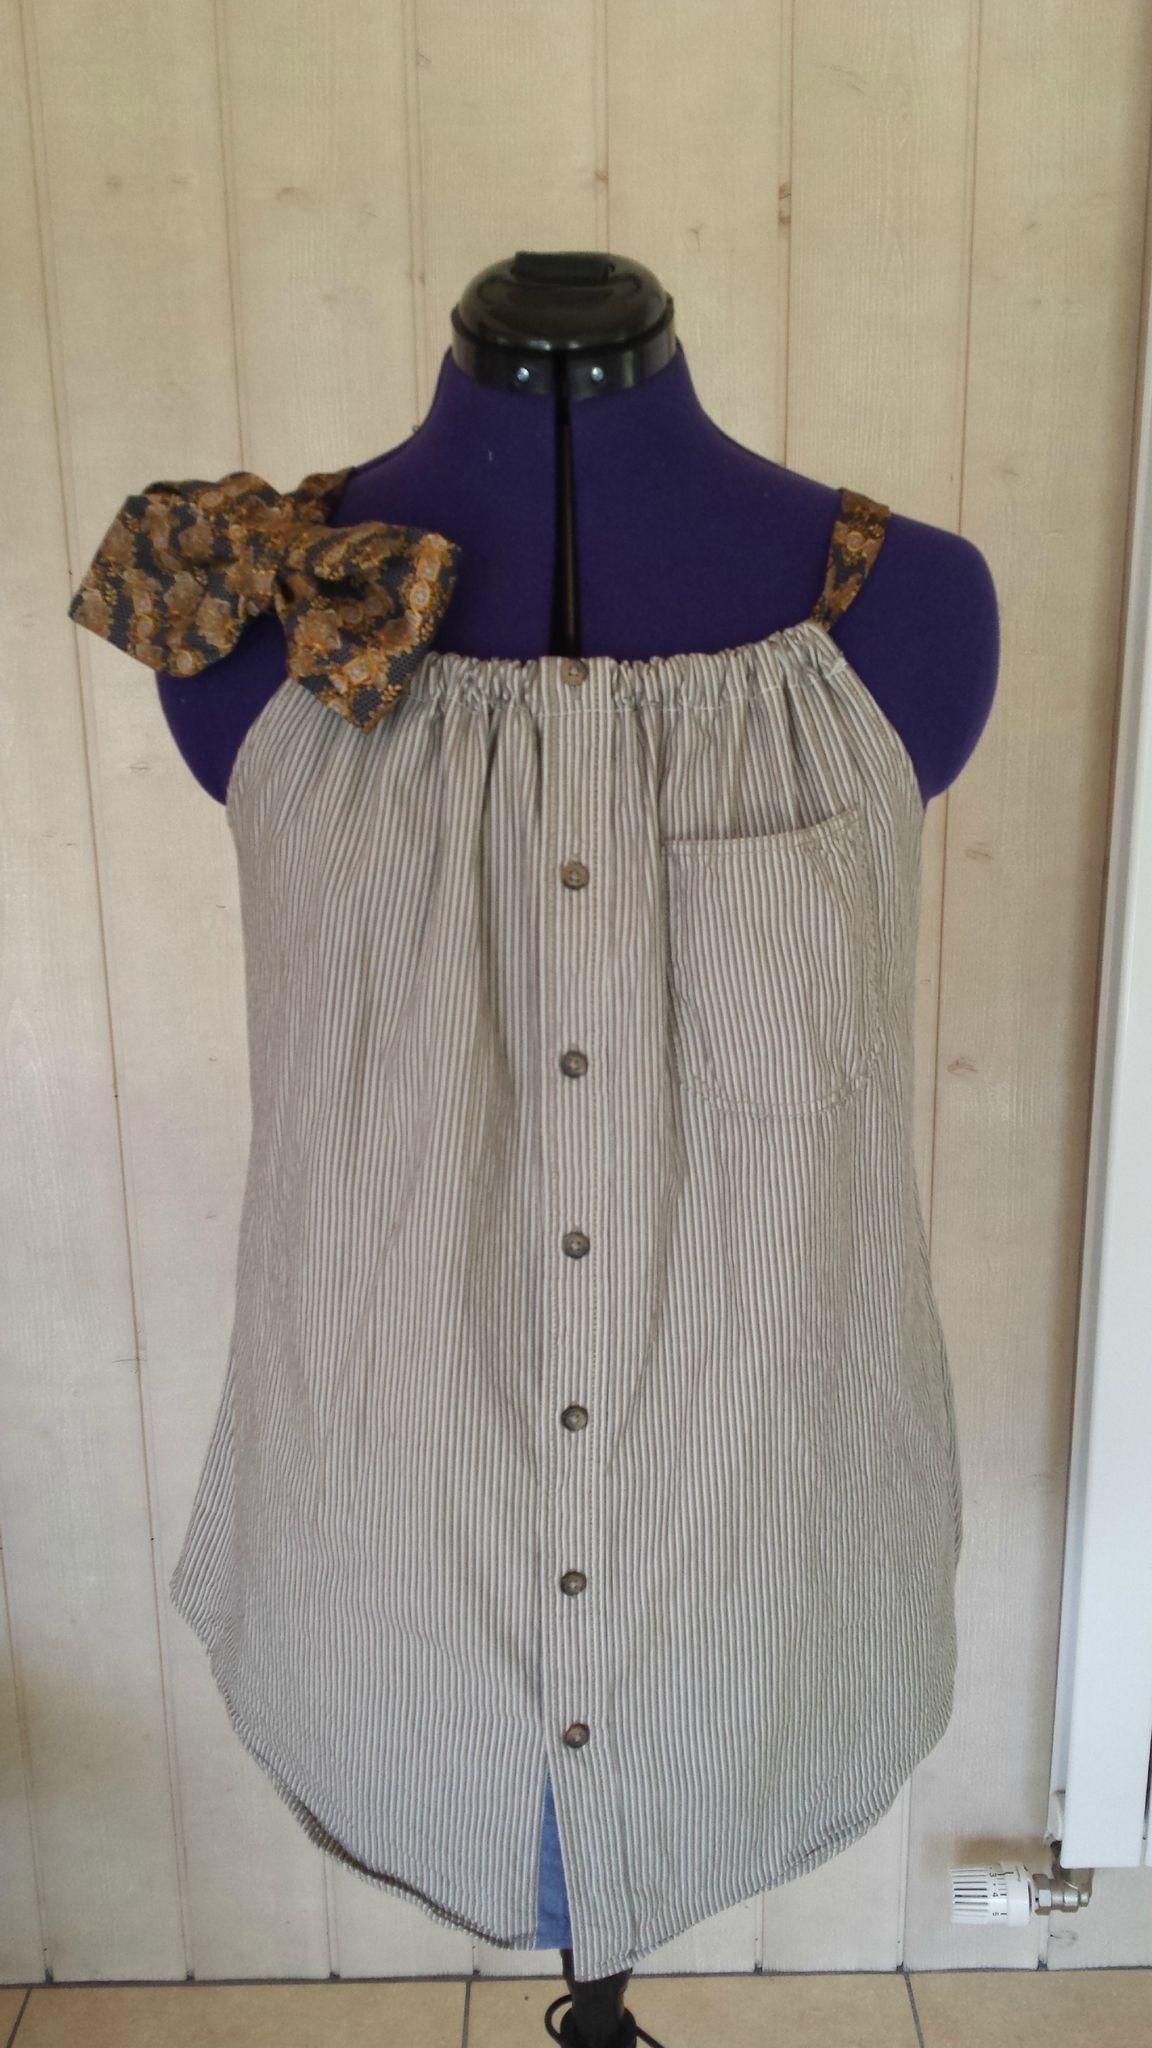 tunique chemise homme et cravate r cup chemise homme pinterest tuniques hommes et recyclage. Black Bedroom Furniture Sets. Home Design Ideas